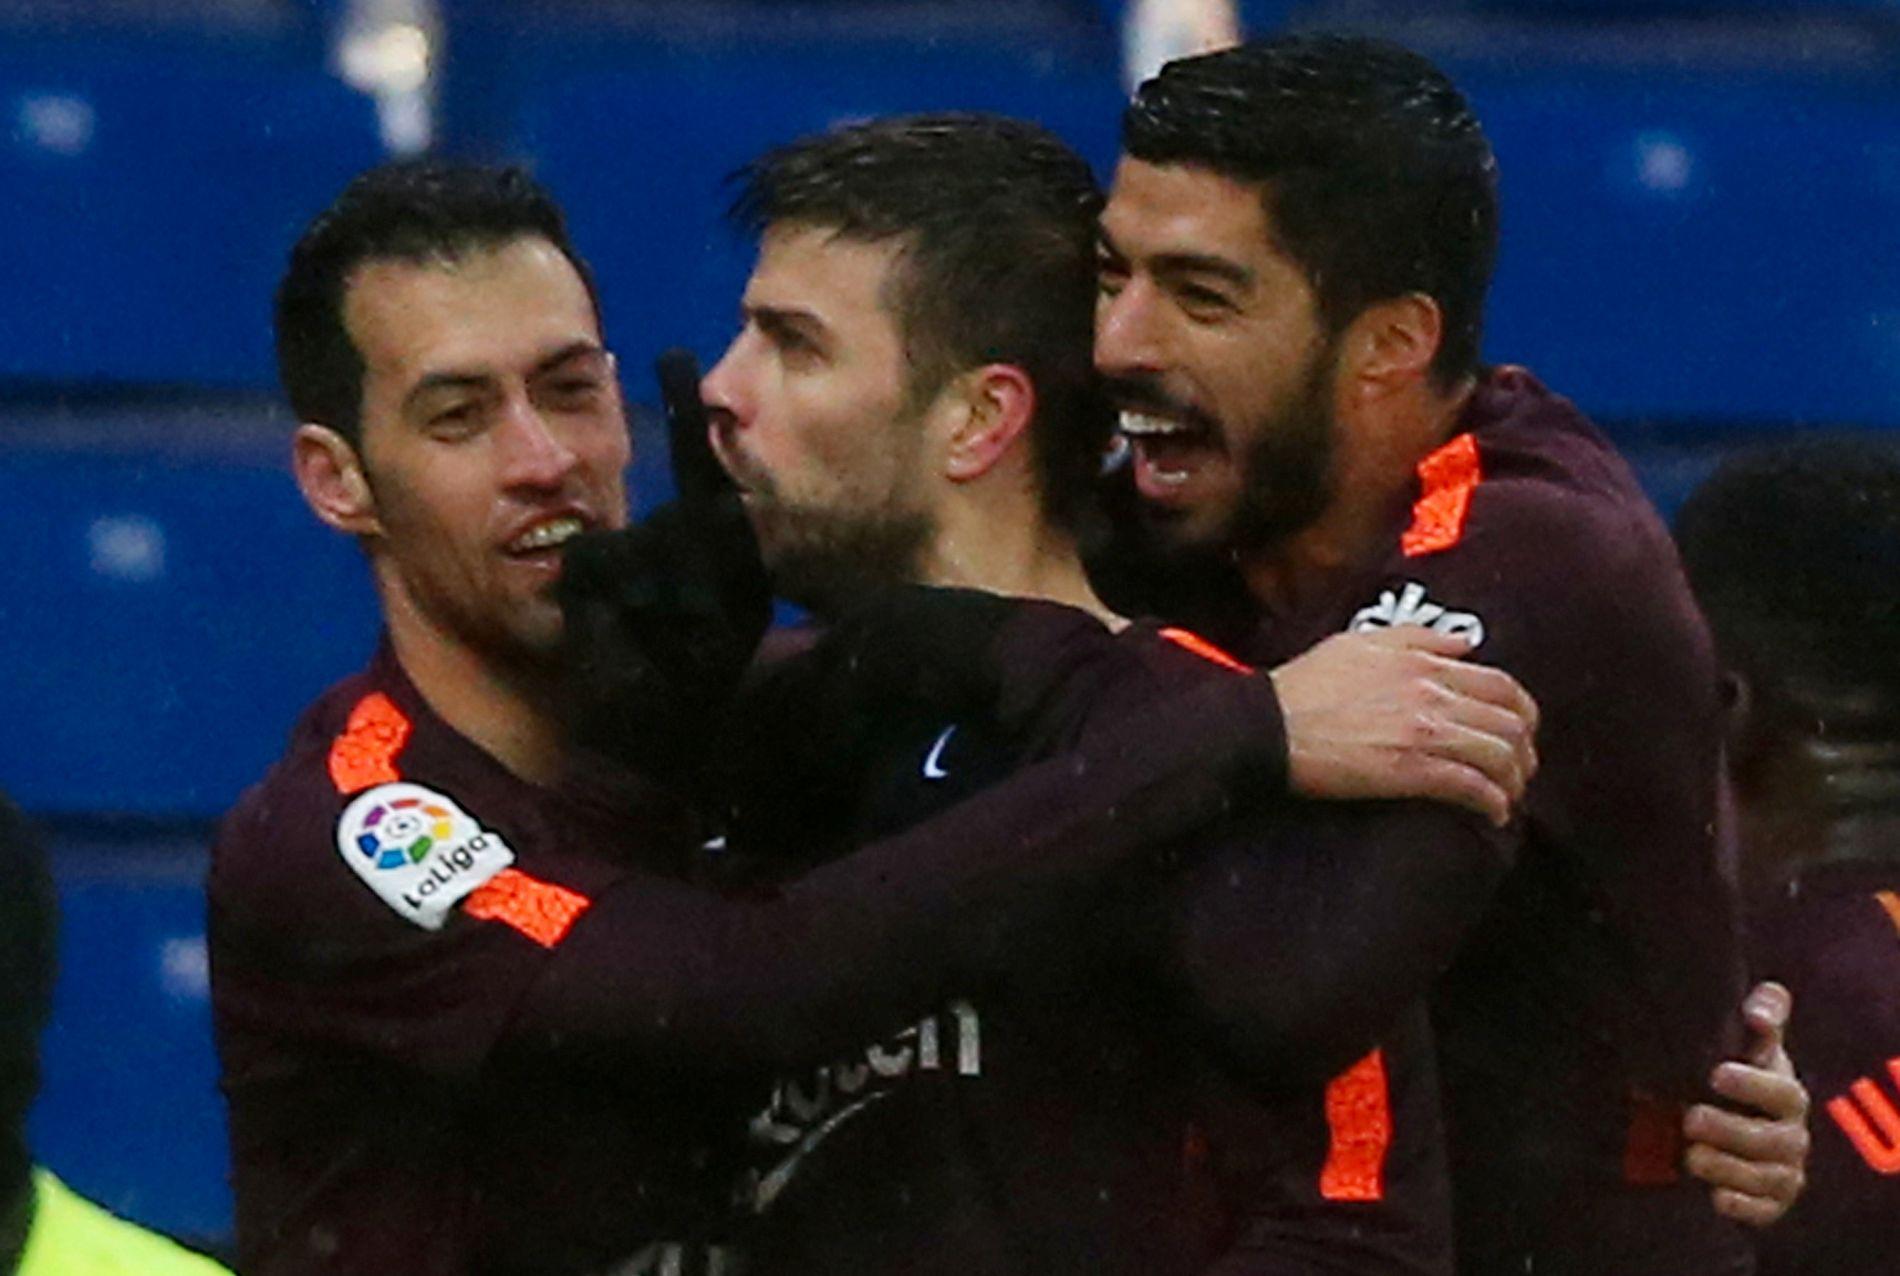 PROVOSERTE FANSEN: Gerard Piqué feiret med hysjing mot Espanyol-fansen i søndagens 1-1-kamp. Her med Sergio Busquets (t.v.) og Luis Suárez.